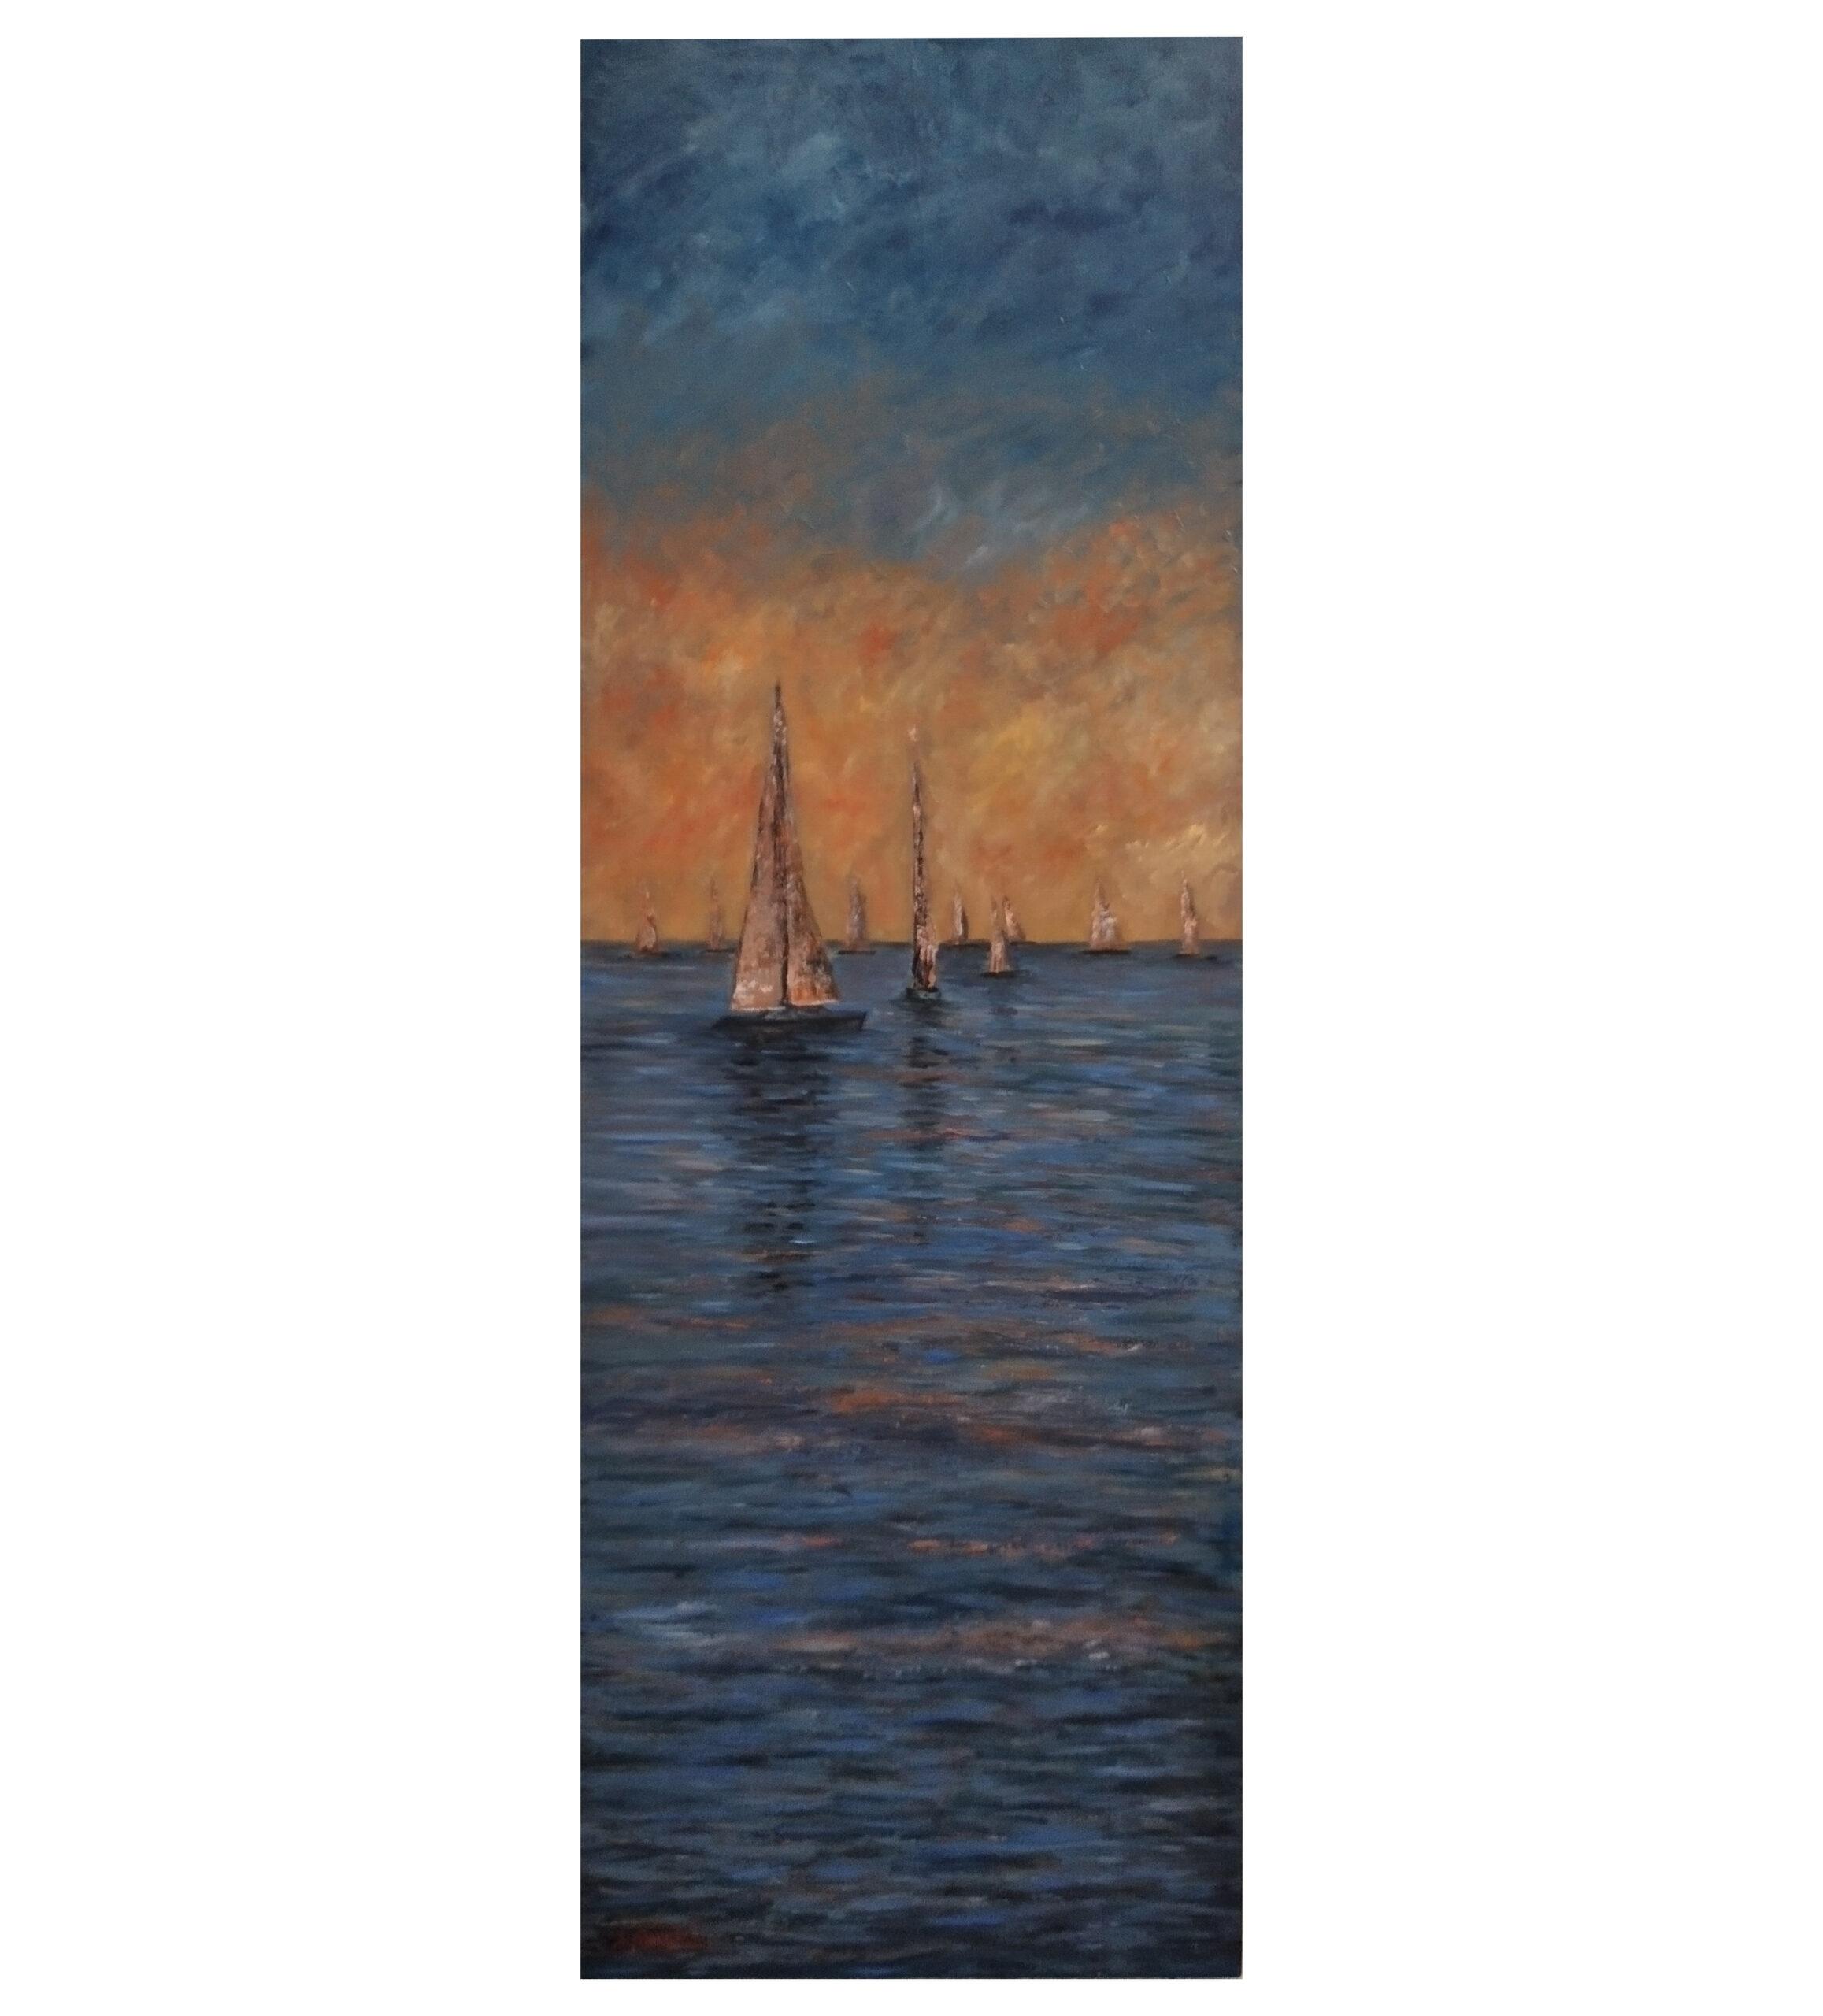 Andrea Panicale – Regata sull'Adriatico